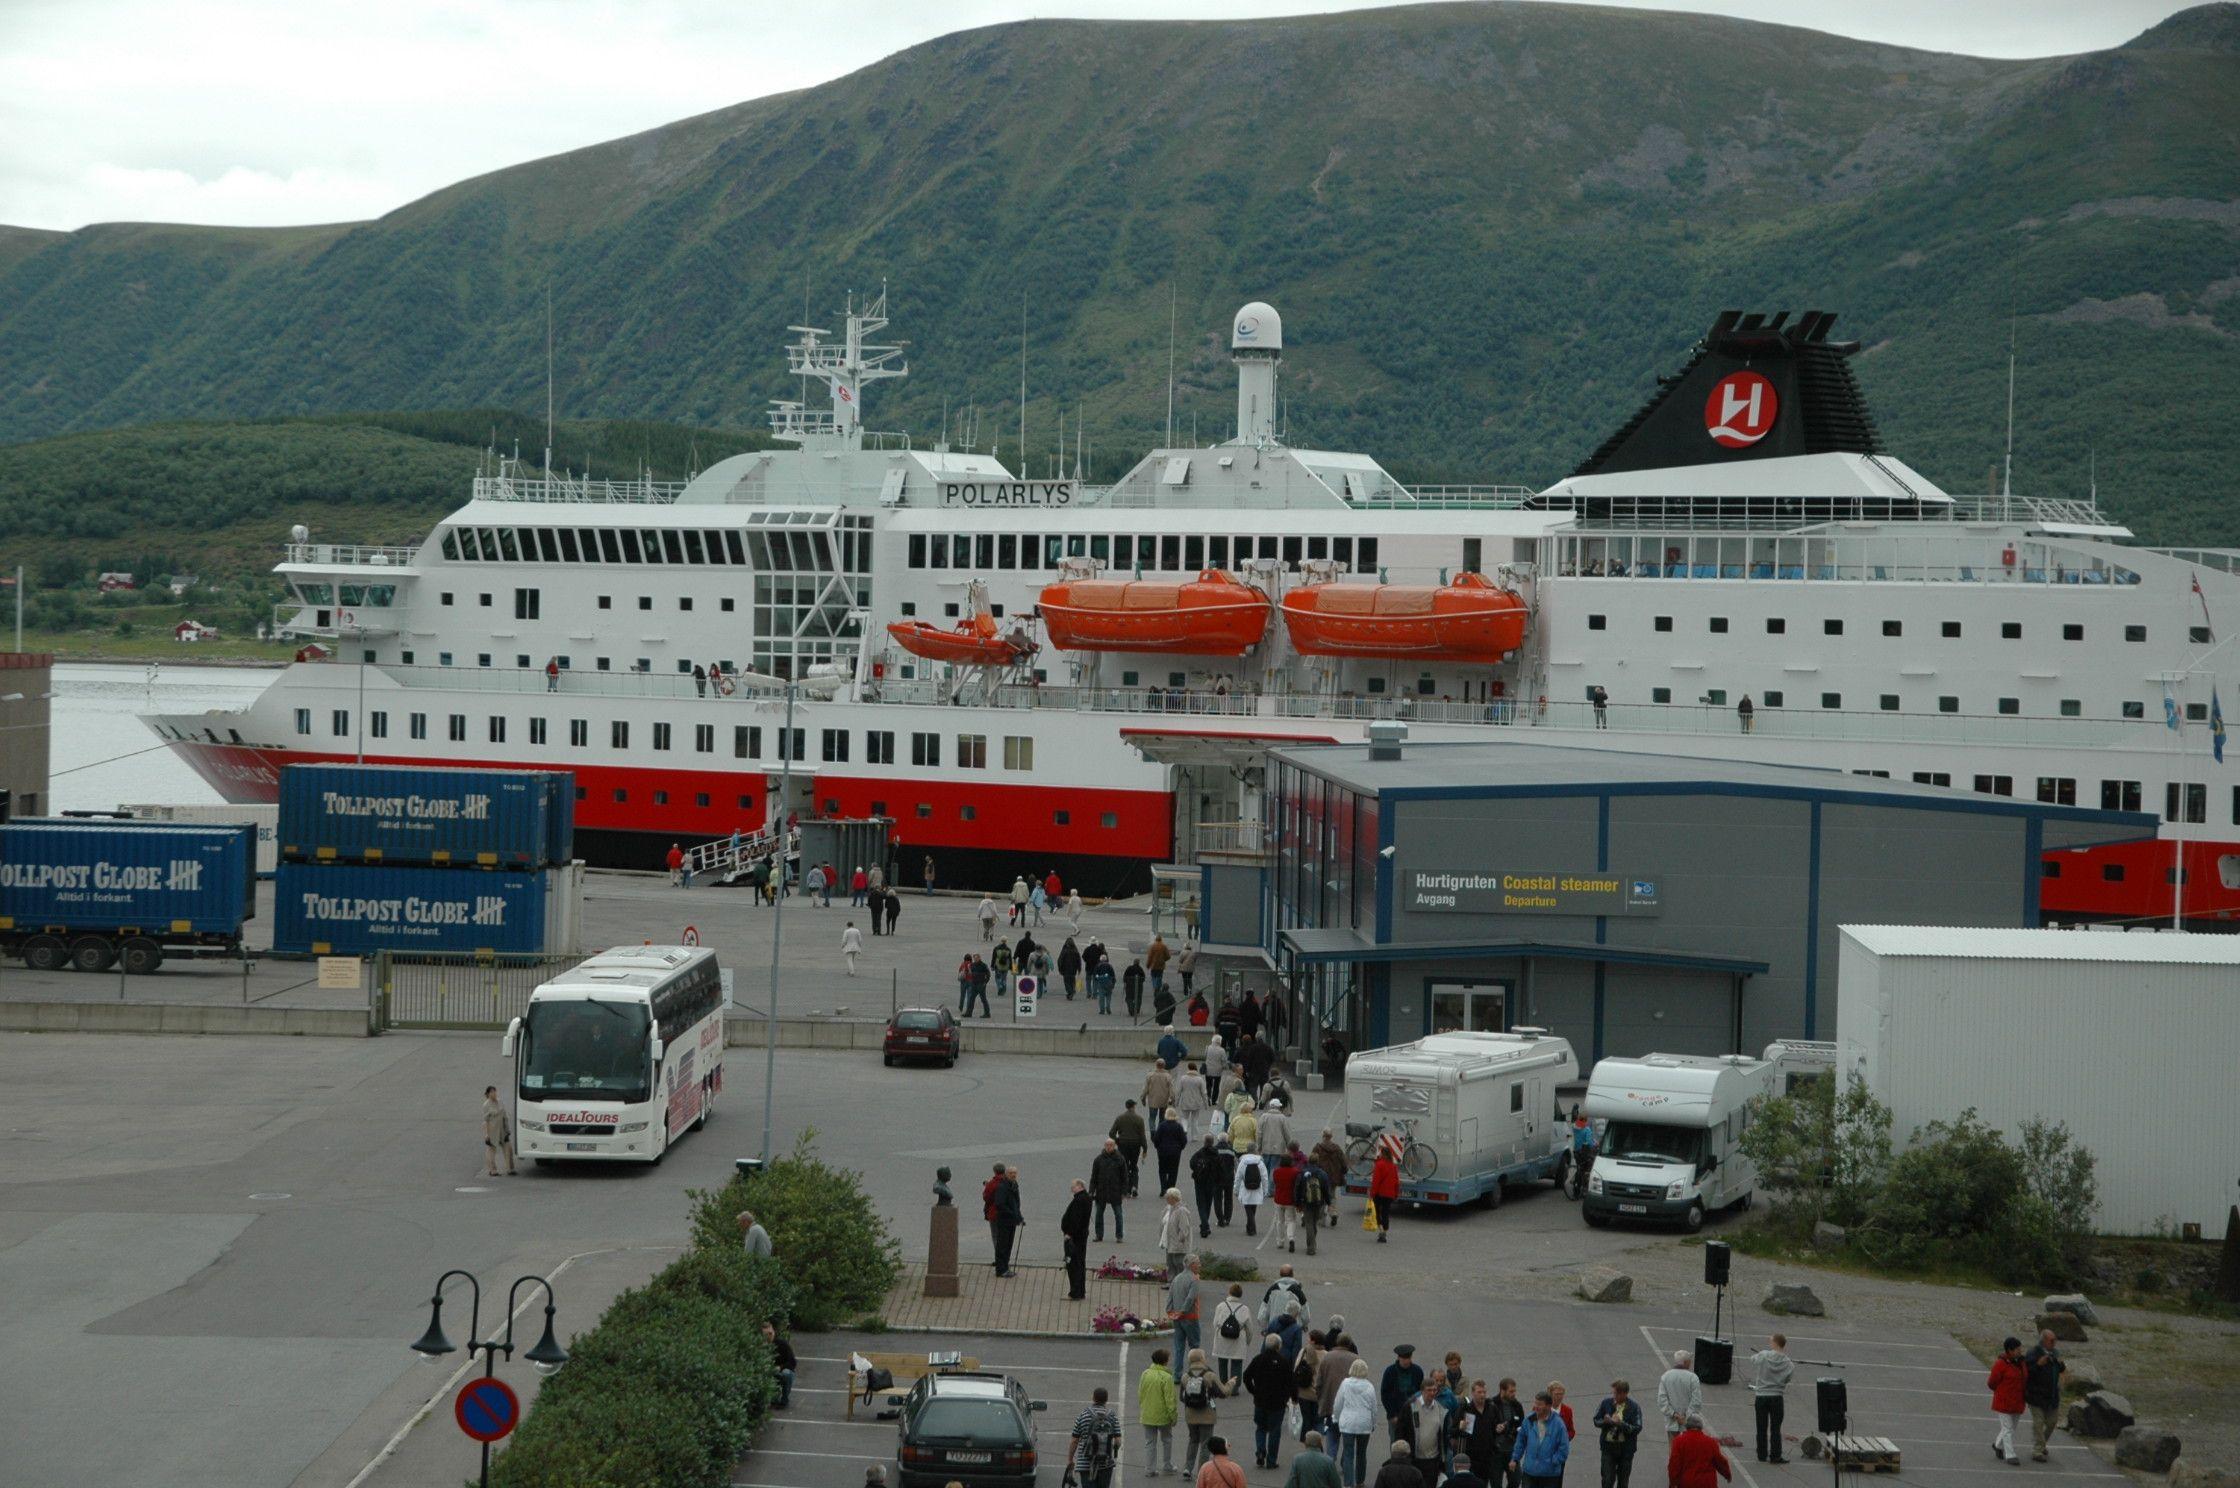 Hurtigruten in Stokmarknes, Norway. Photo by bestnorwegian.com